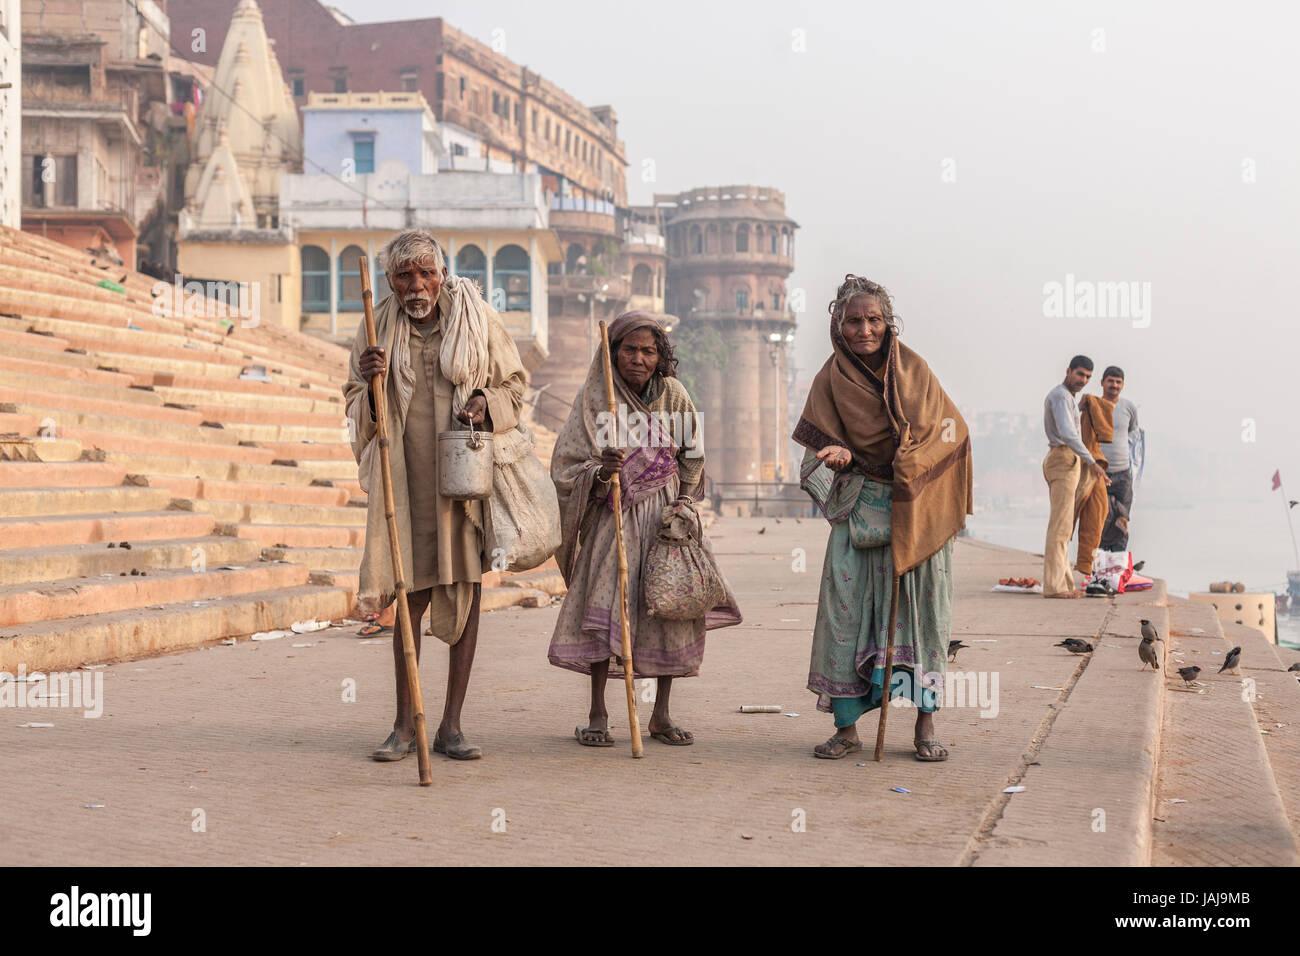 Varanasi, Uttar Pradesh, India, Asia - Stock Image